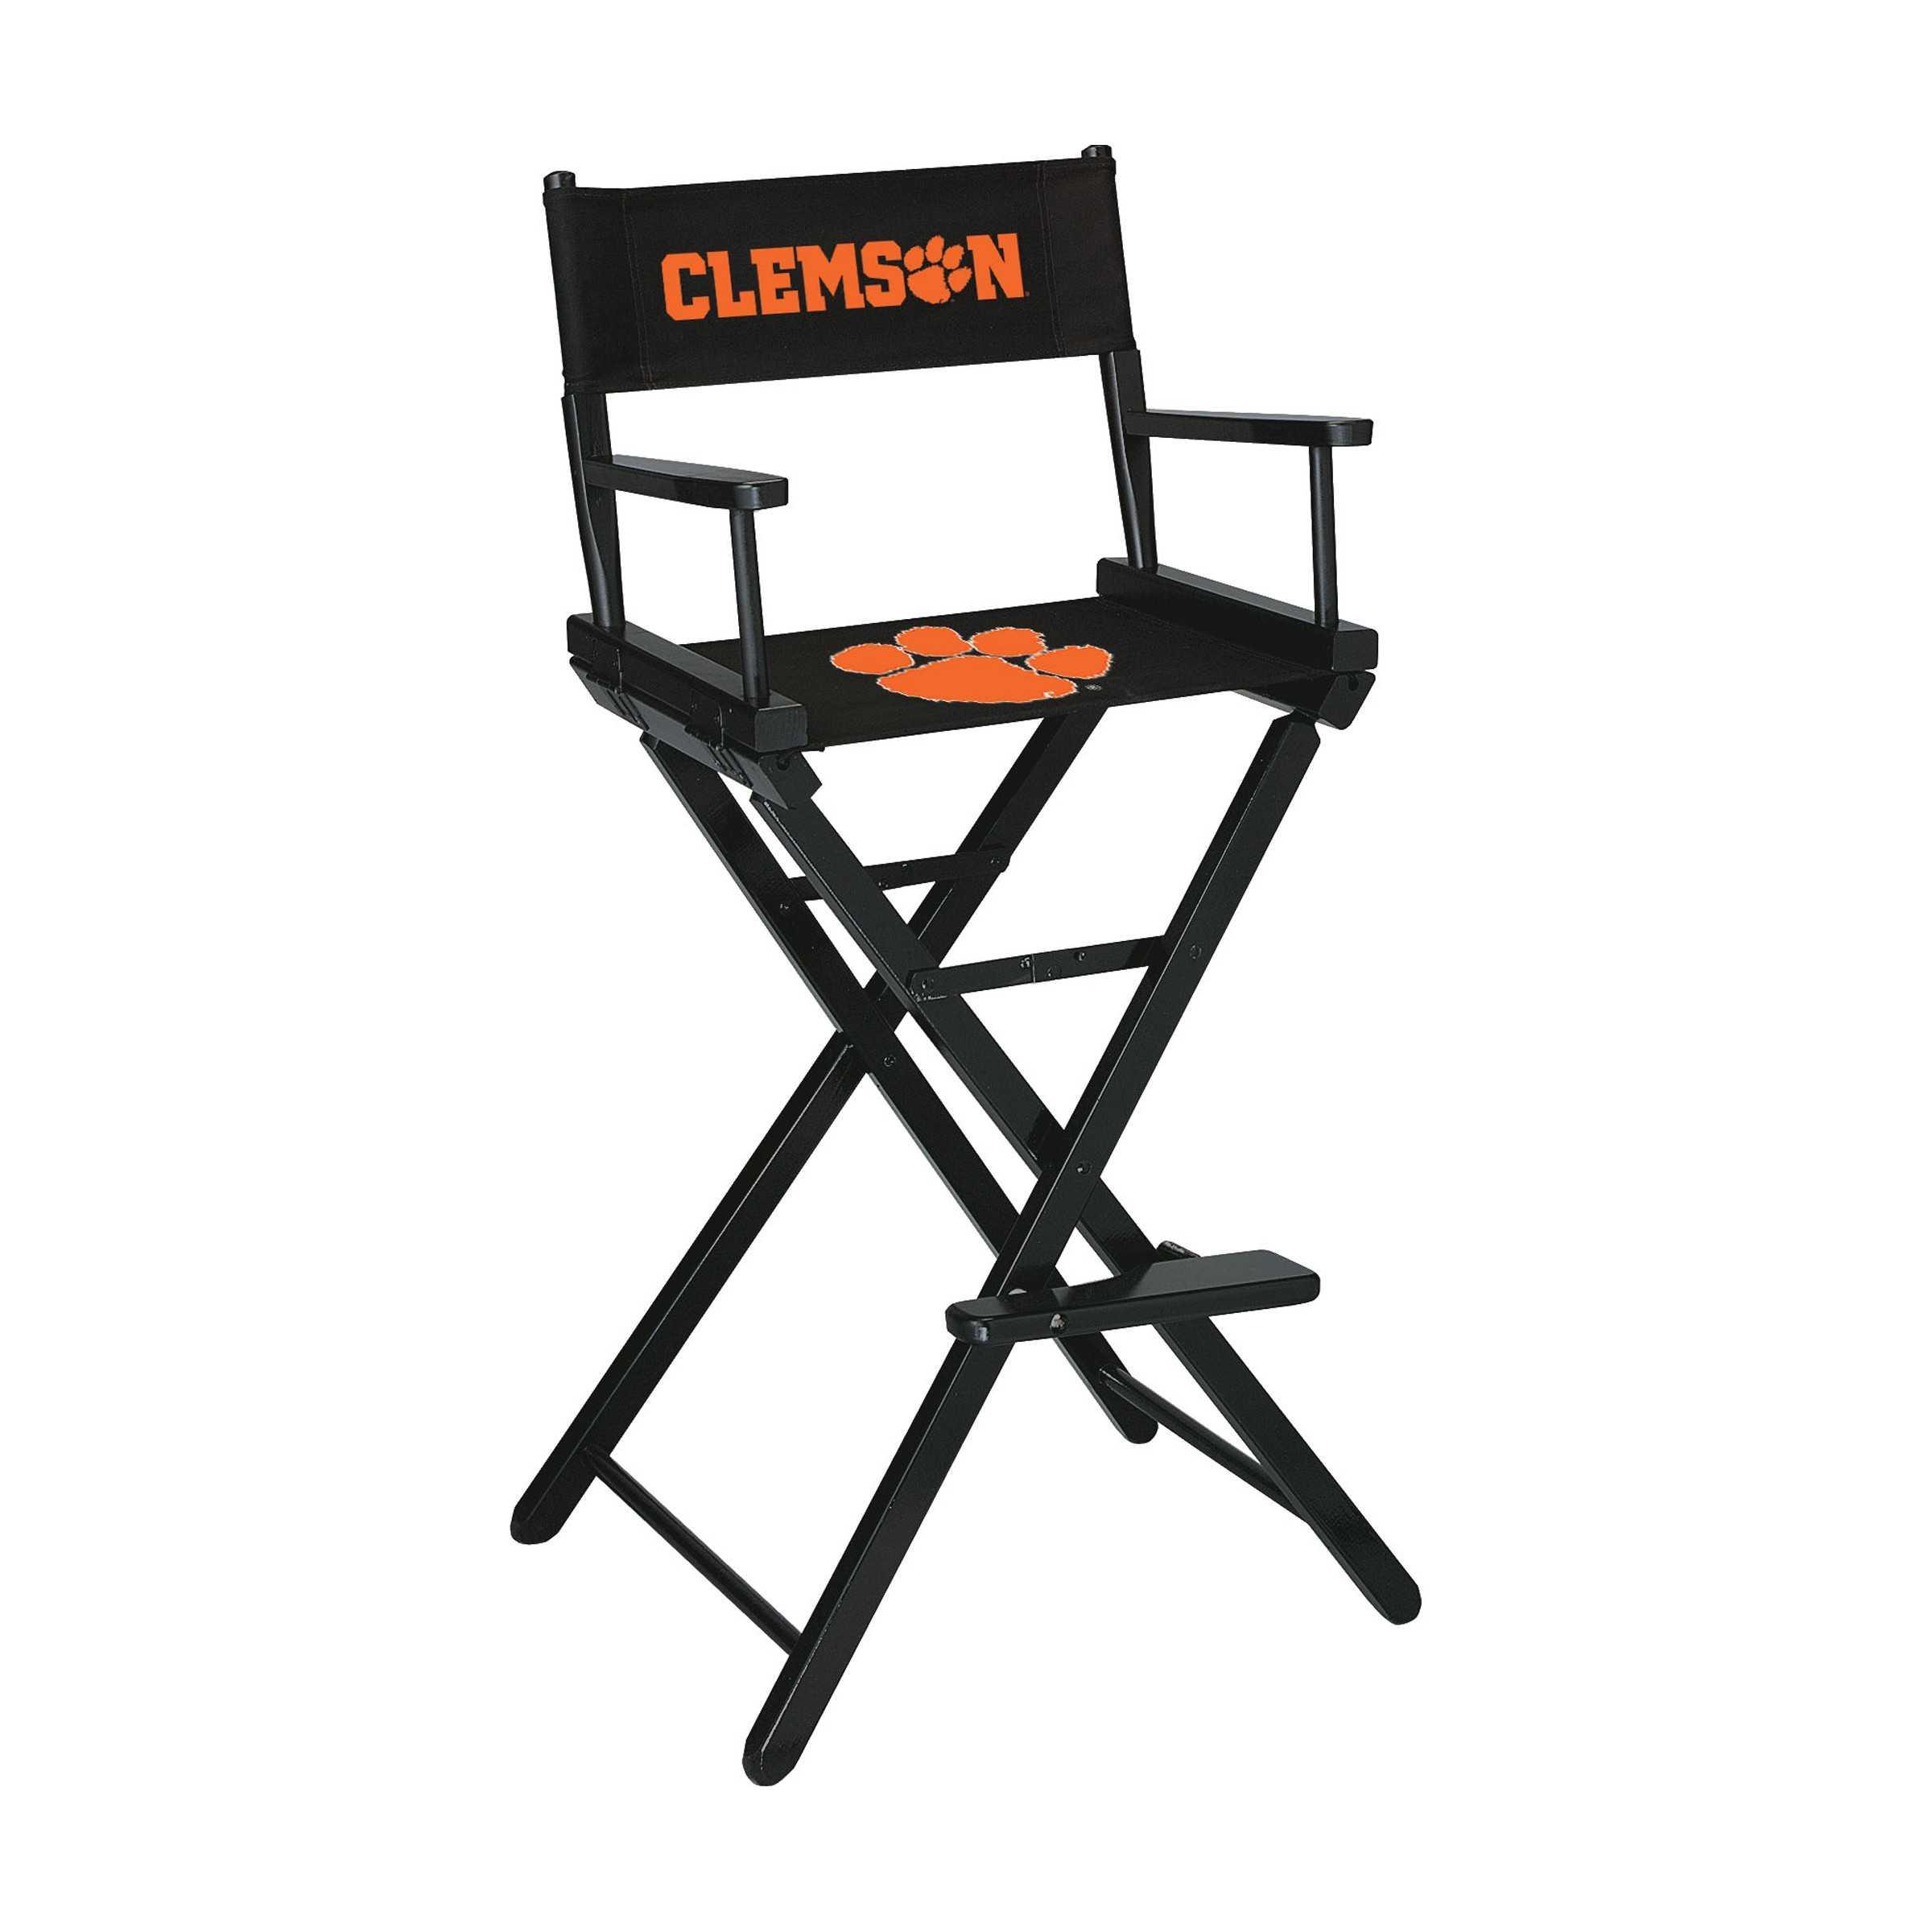 CLEMSON UNIVERSITY DIRECTORS CHAIR-BAR HEIGHT